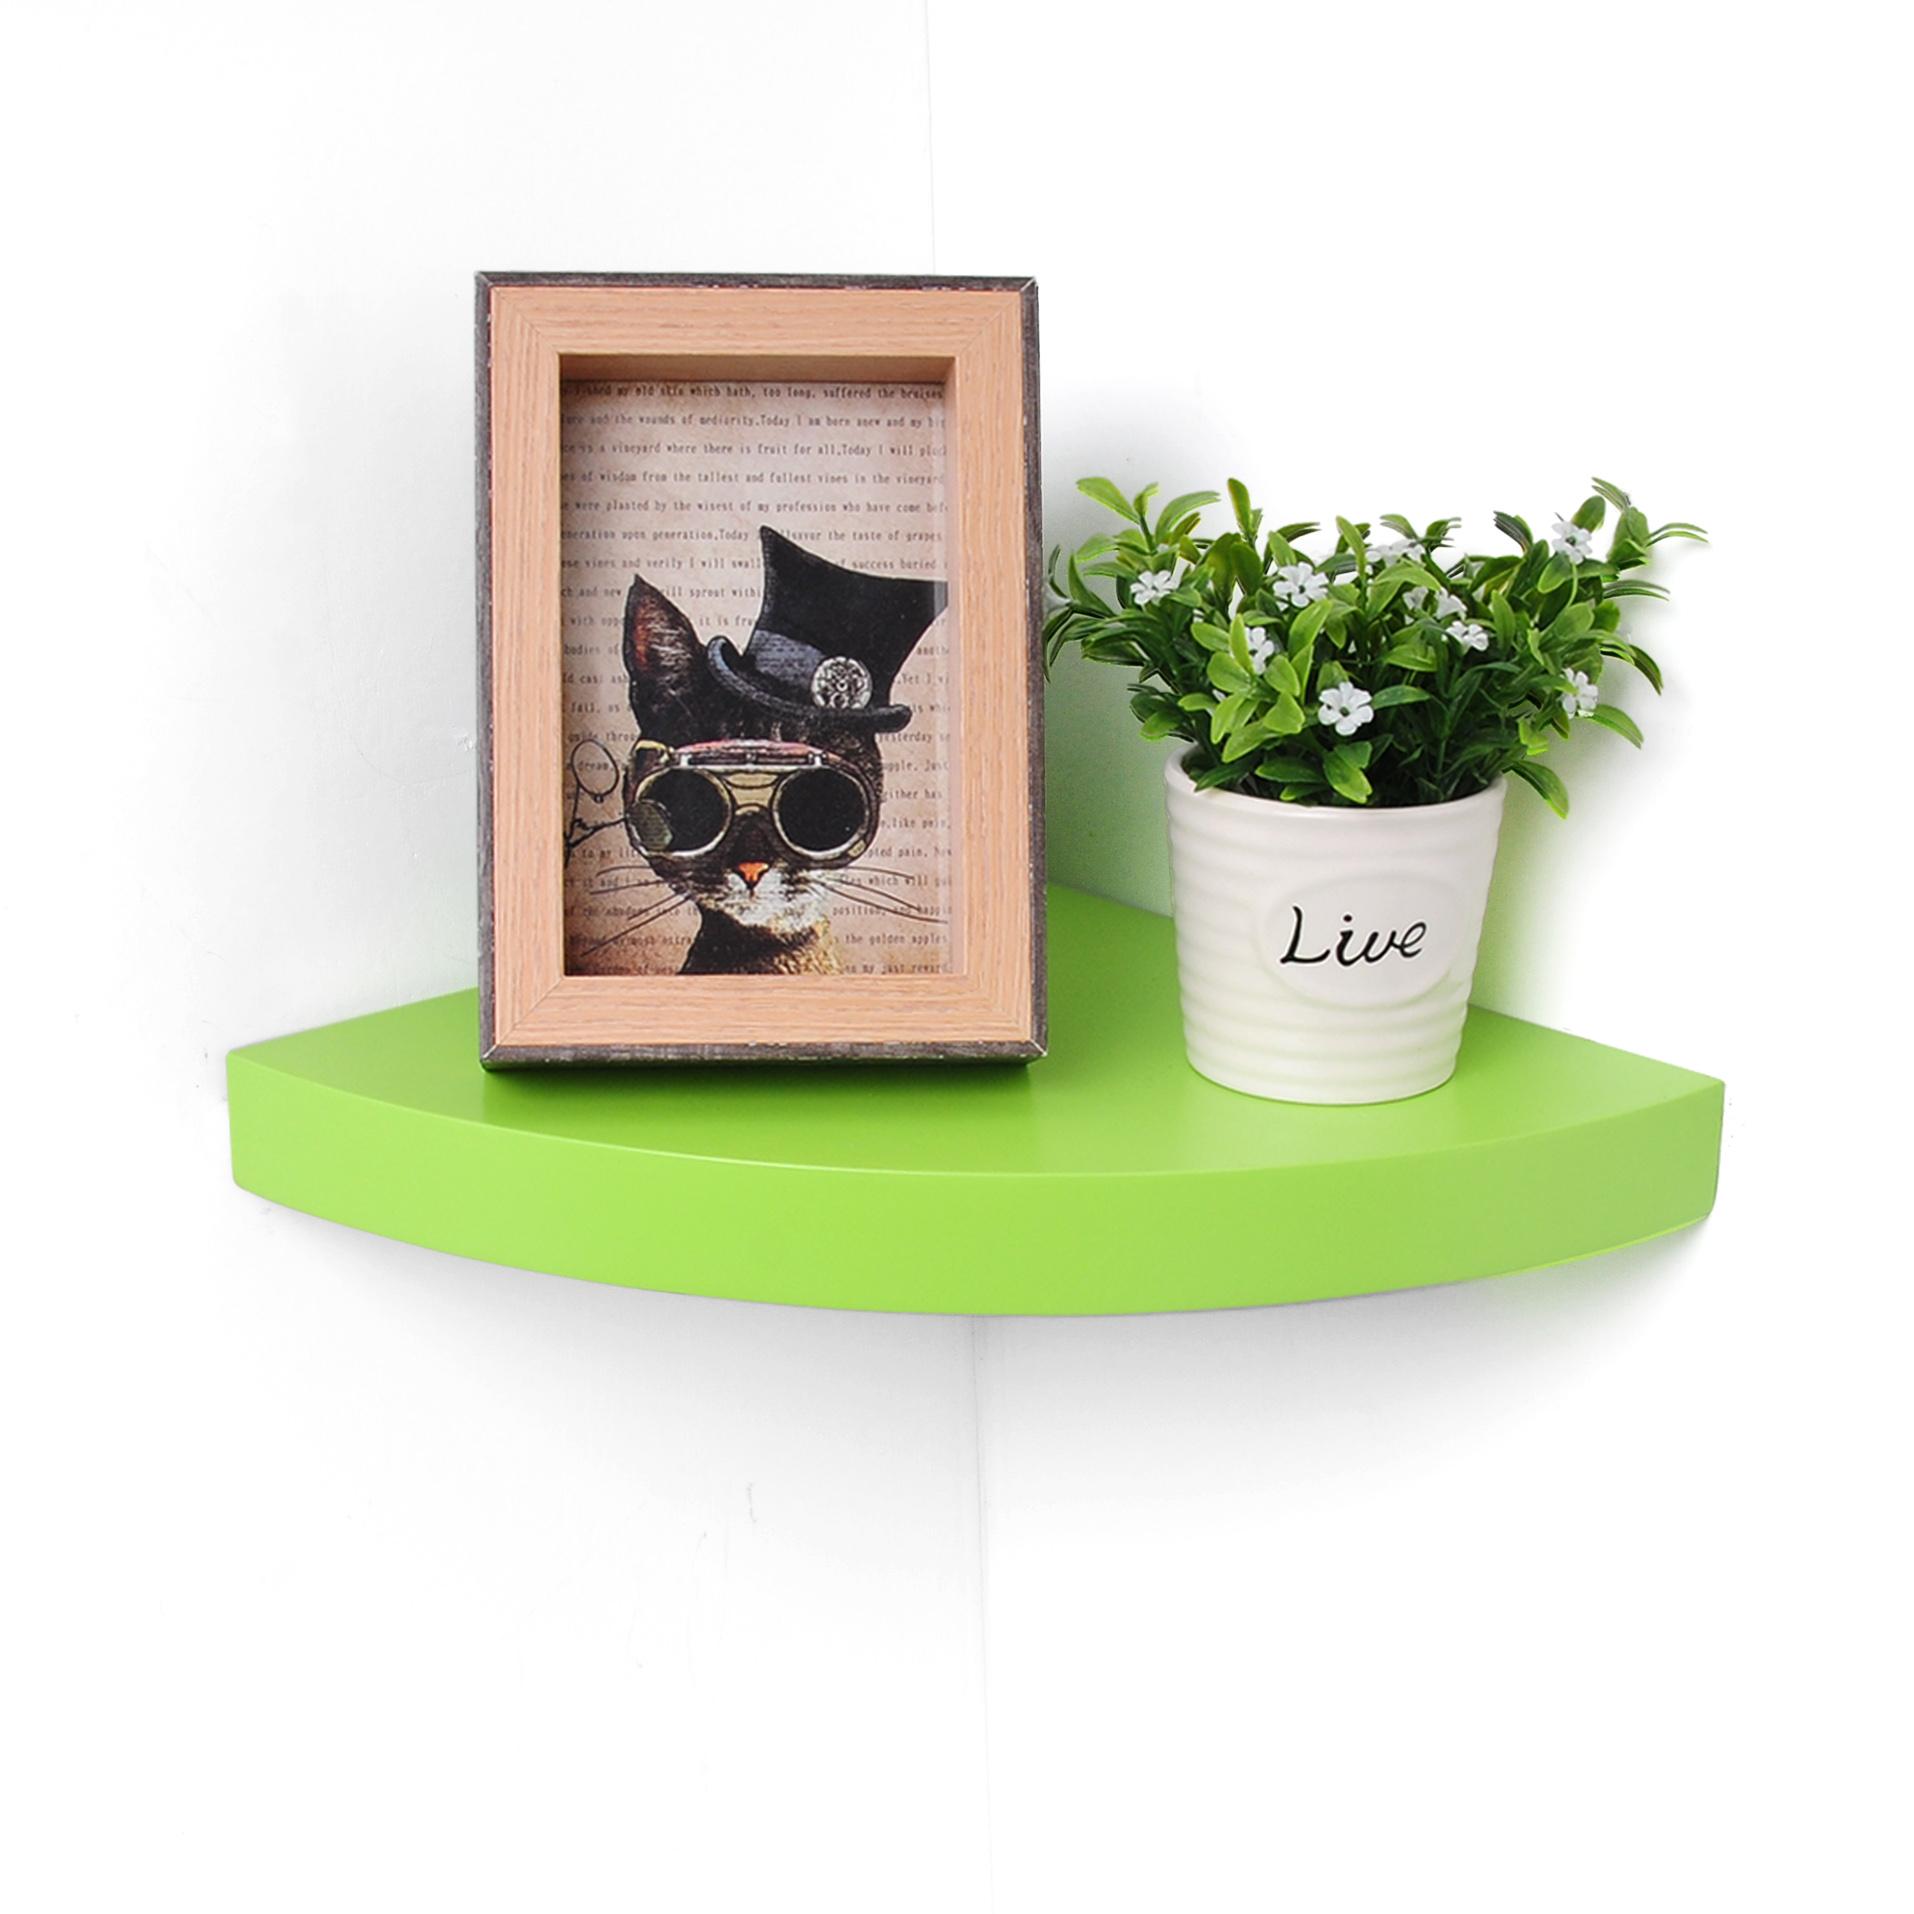 eckregal wandregal h ngeregal freischwebend holz regal farbwahl w rfel 373 a ebay. Black Bedroom Furniture Sets. Home Design Ideas